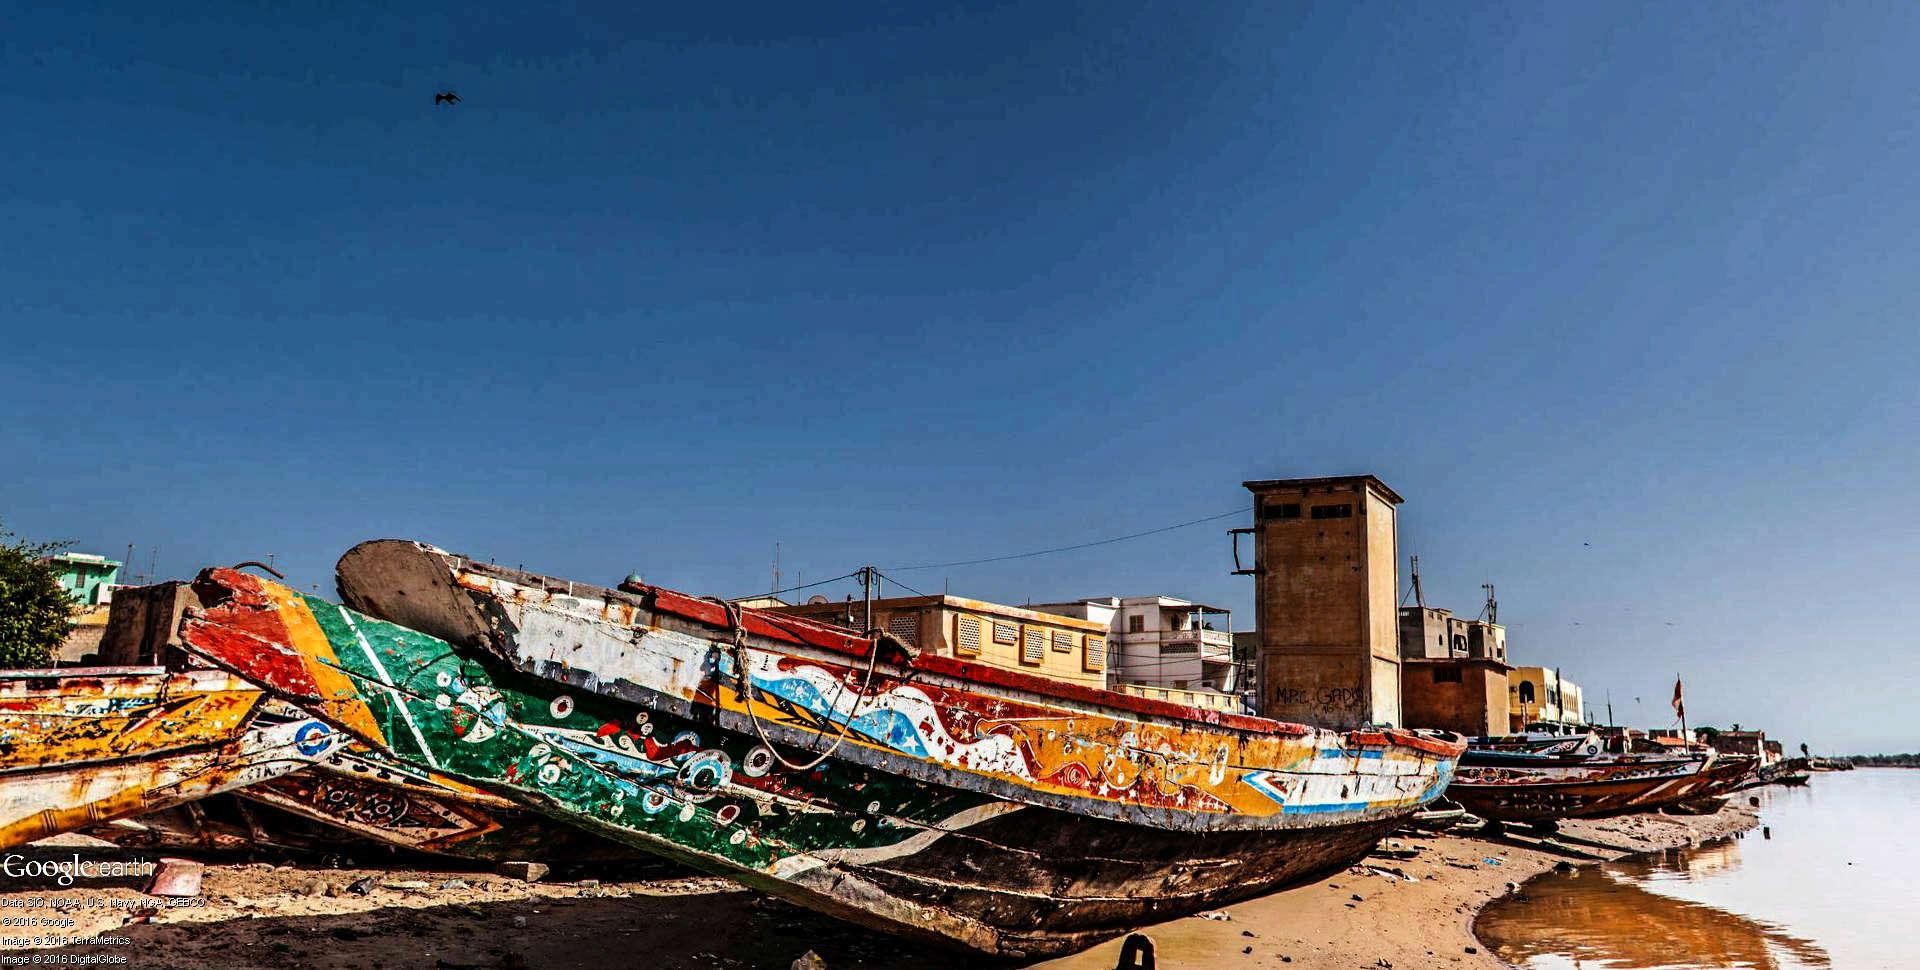 Pirogues traditionnelles de Guet-Ndar à Saint-Louis au Senegal. Pirogu16